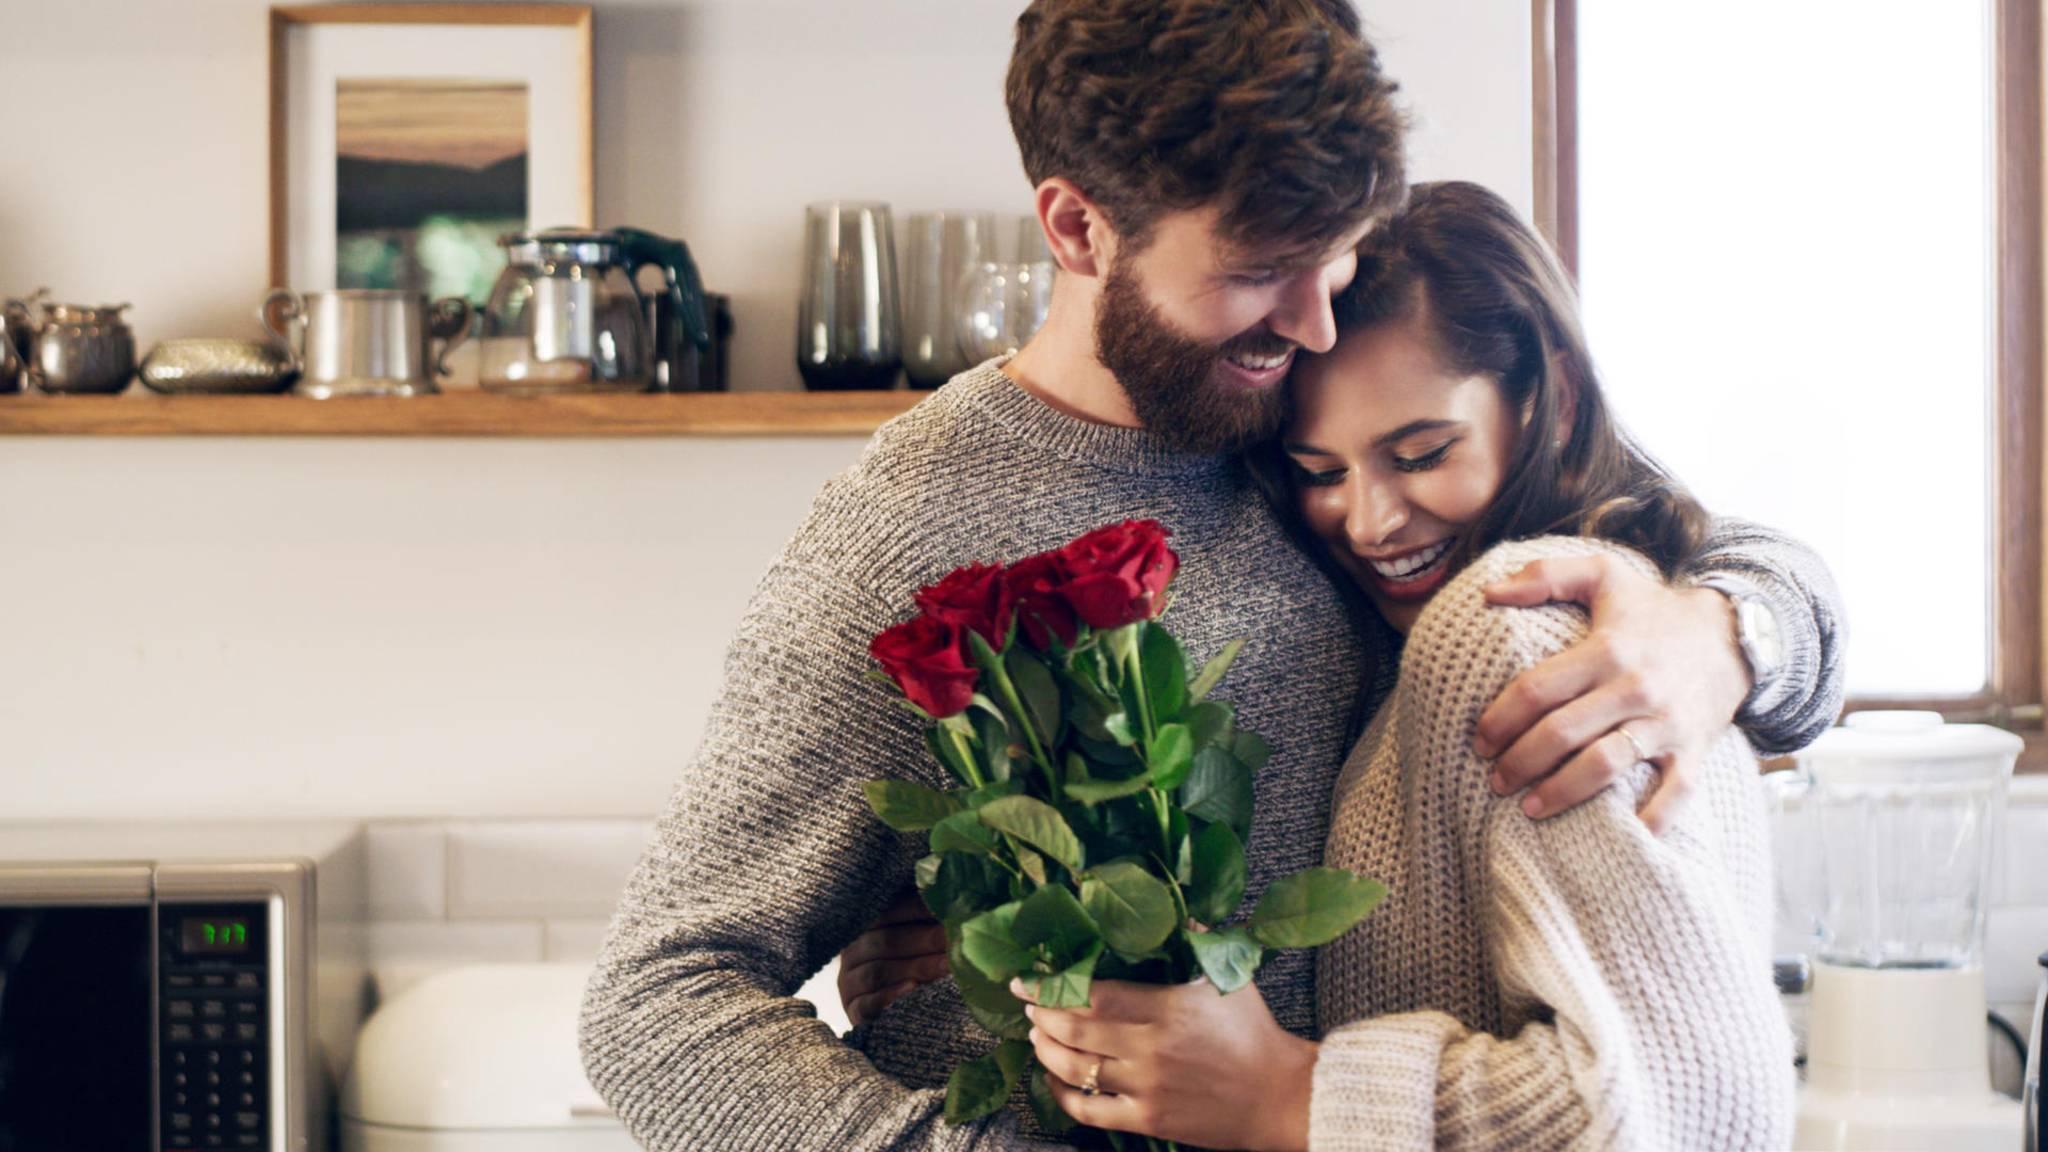 Valentinstags-Geschenke Für Frauen: 10 Originelle Ideen bestimmt für Valentinstag Geschenke Für Frauen